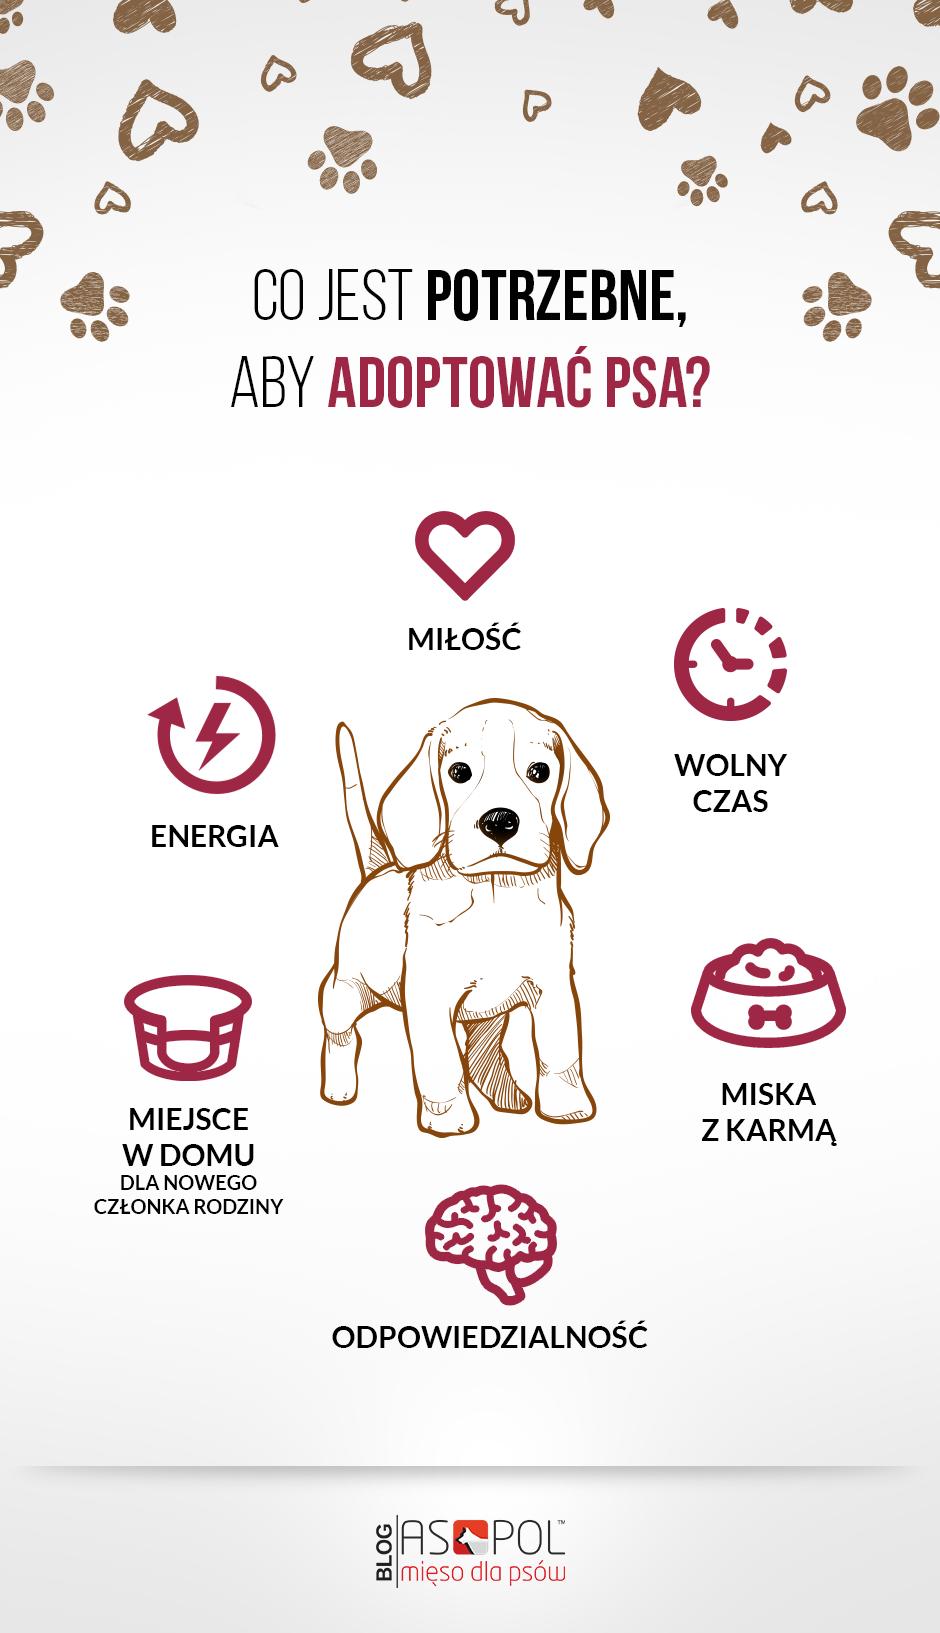 Warunki adopcji psów. Infografika.